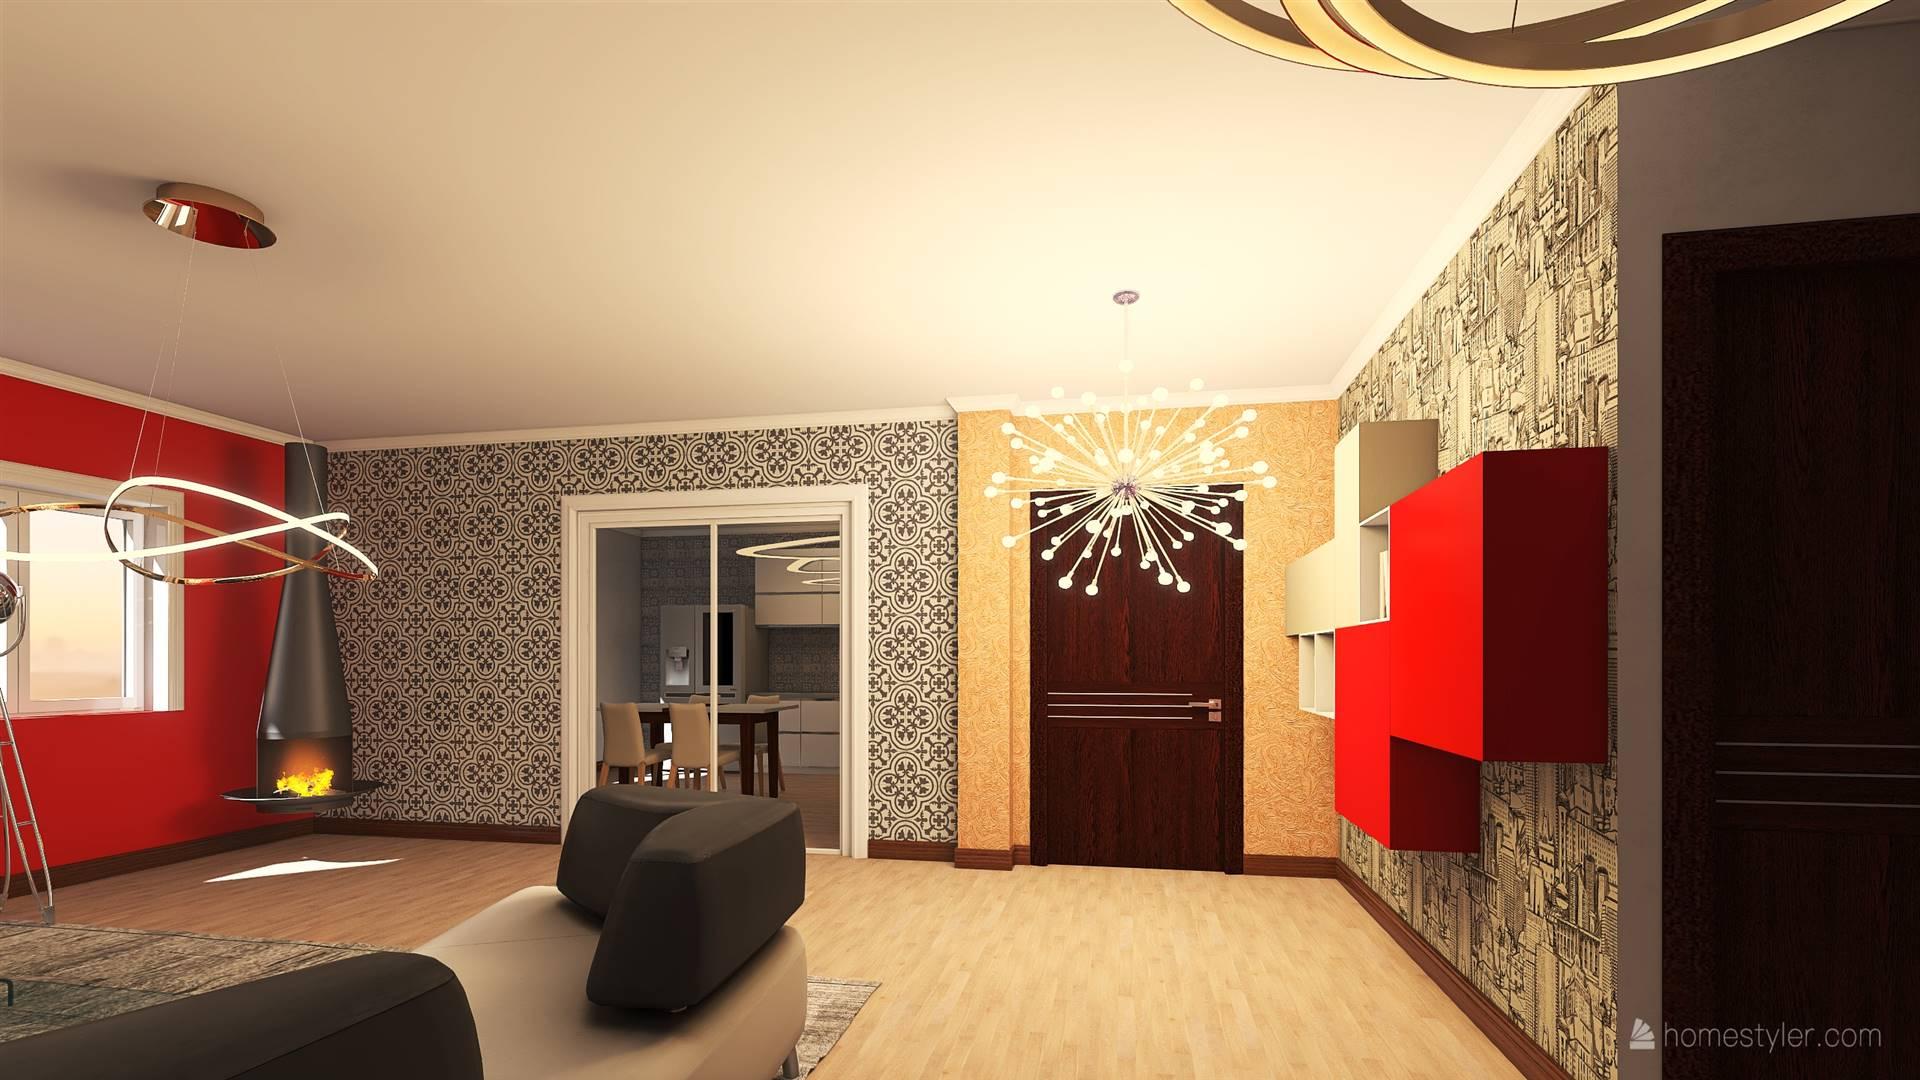 Appartamento in vendita a Montalto Uffugo, 3 locali, zona Località: STAZIONE DI MONTALTO, prezzo € 65.000 | CambioCasa.it